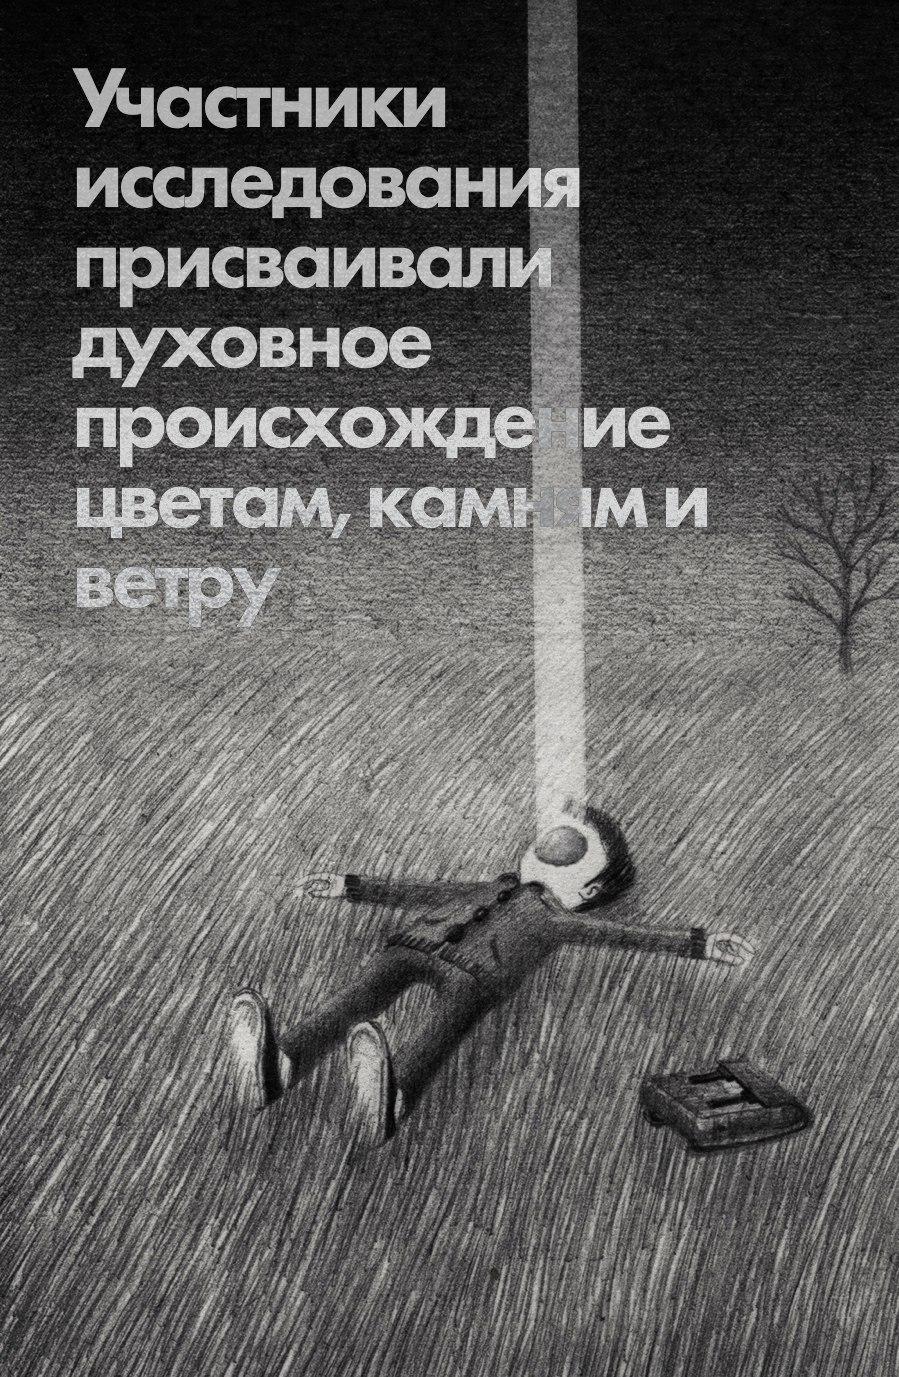 James Lipnickas